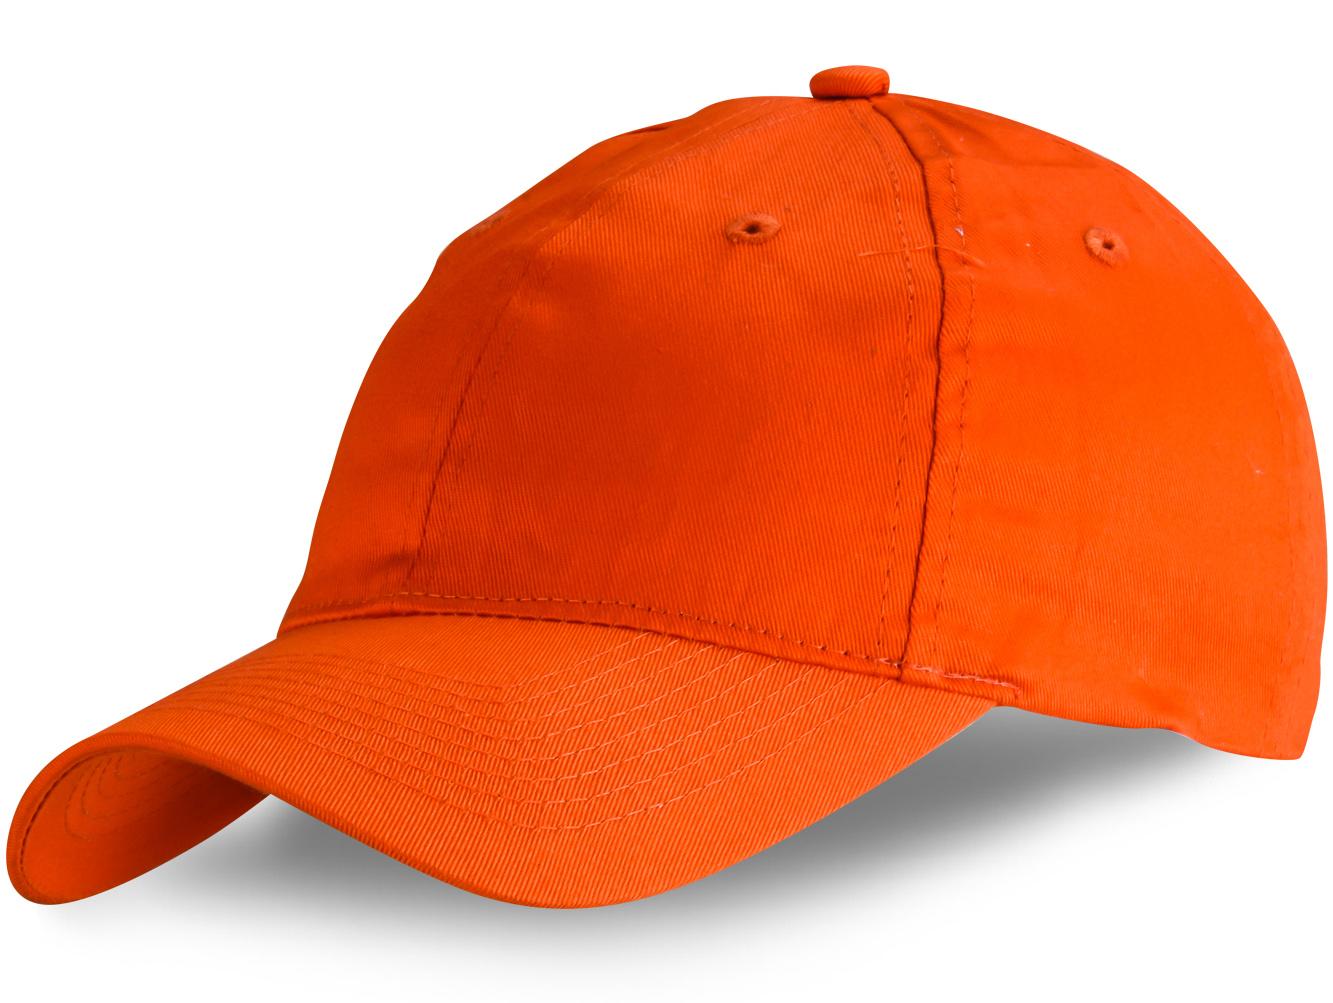 Оранжевая бейсболка - купить в интернет-магазине с доставкой